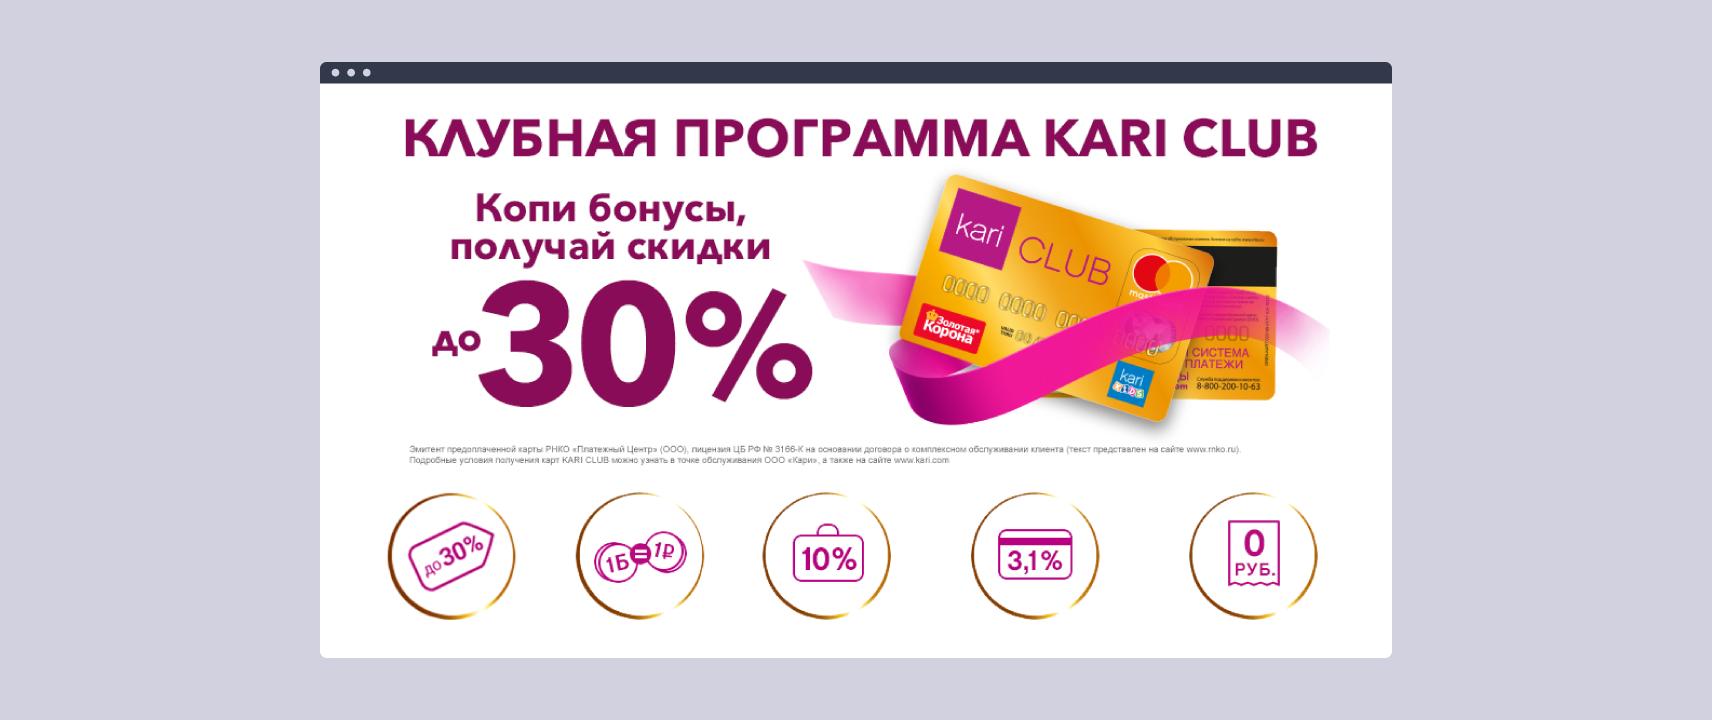 Клубная программа kari CLUB